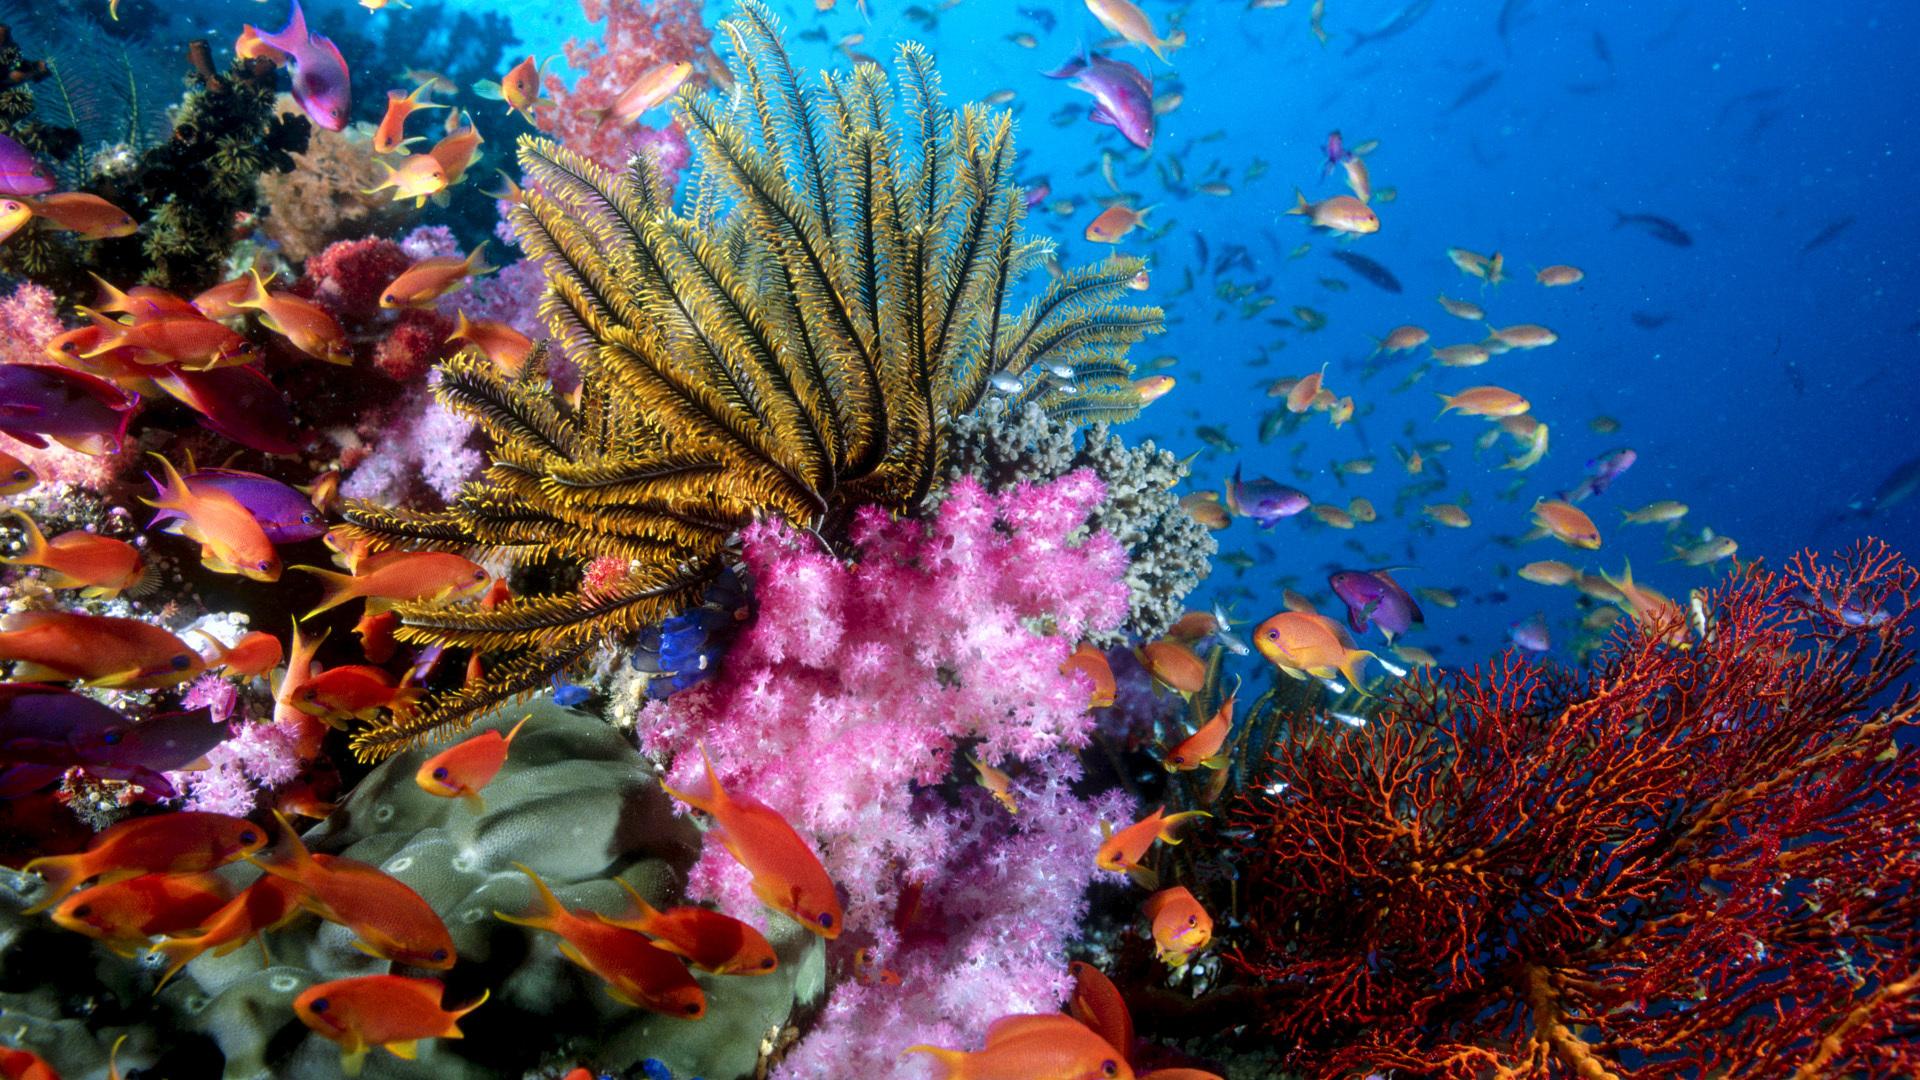 Подводный мир океана фото для рабочего стола